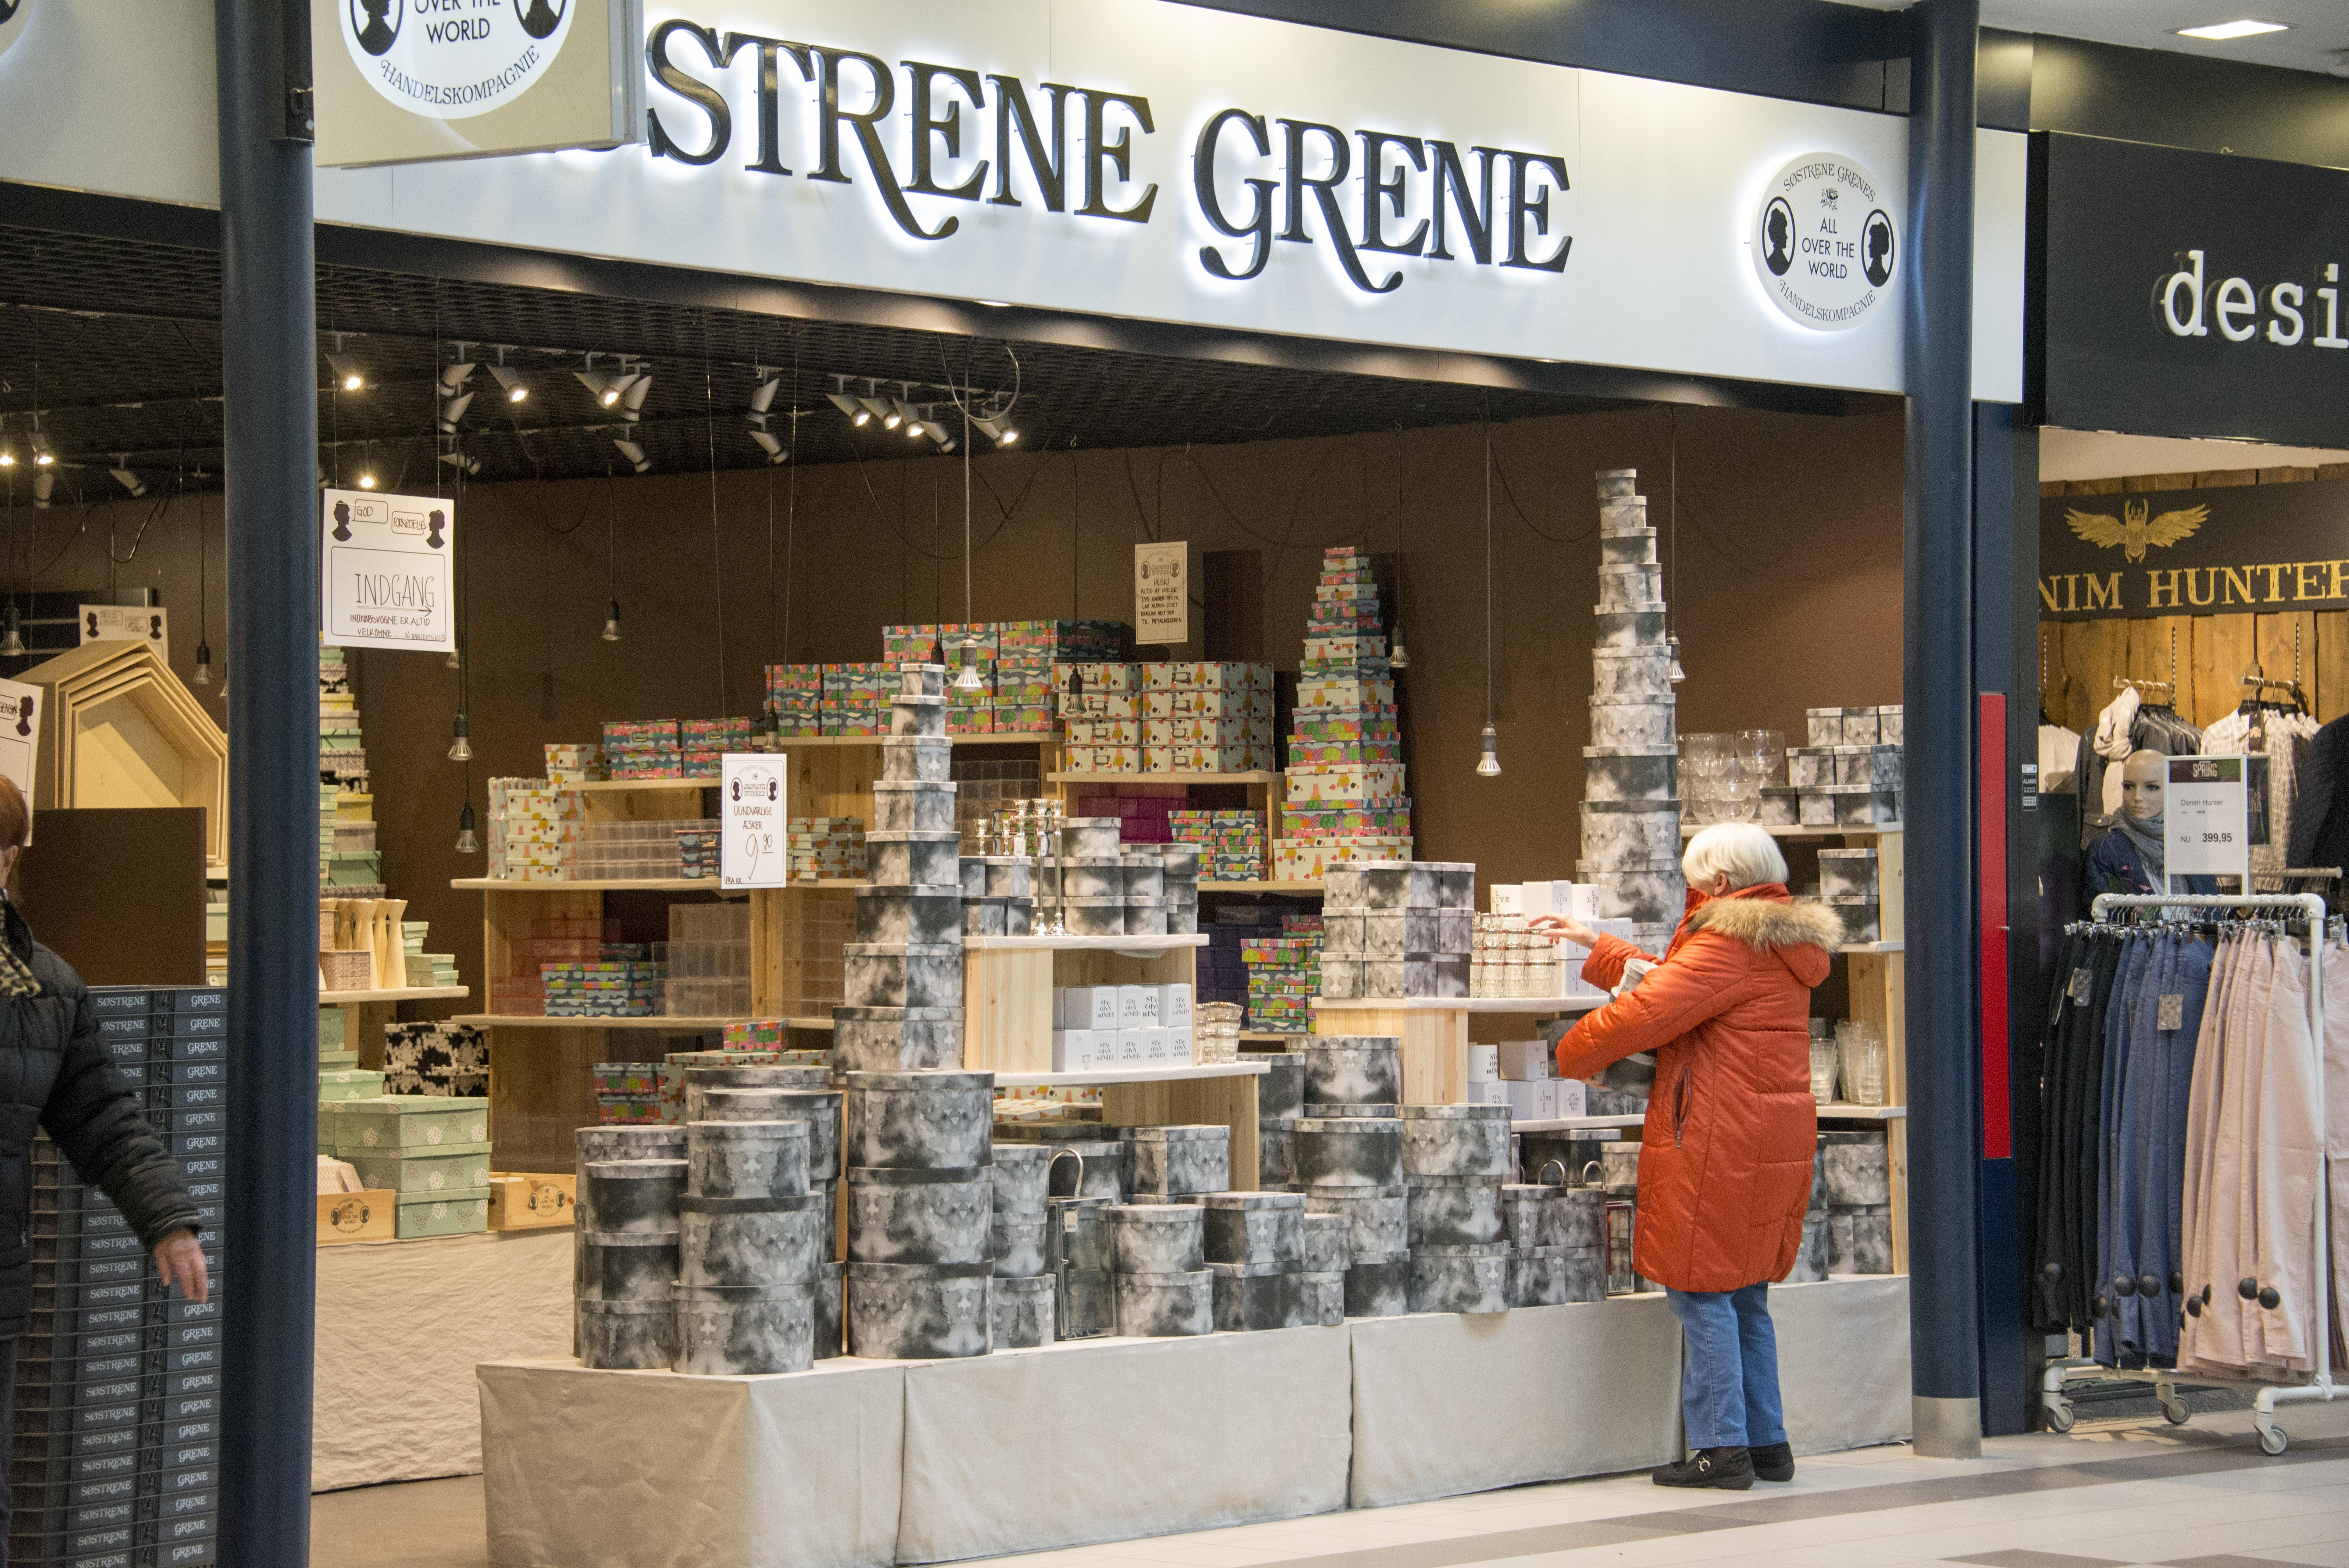 Søstrene Grene åbner Butik I Hamburg Retailnews